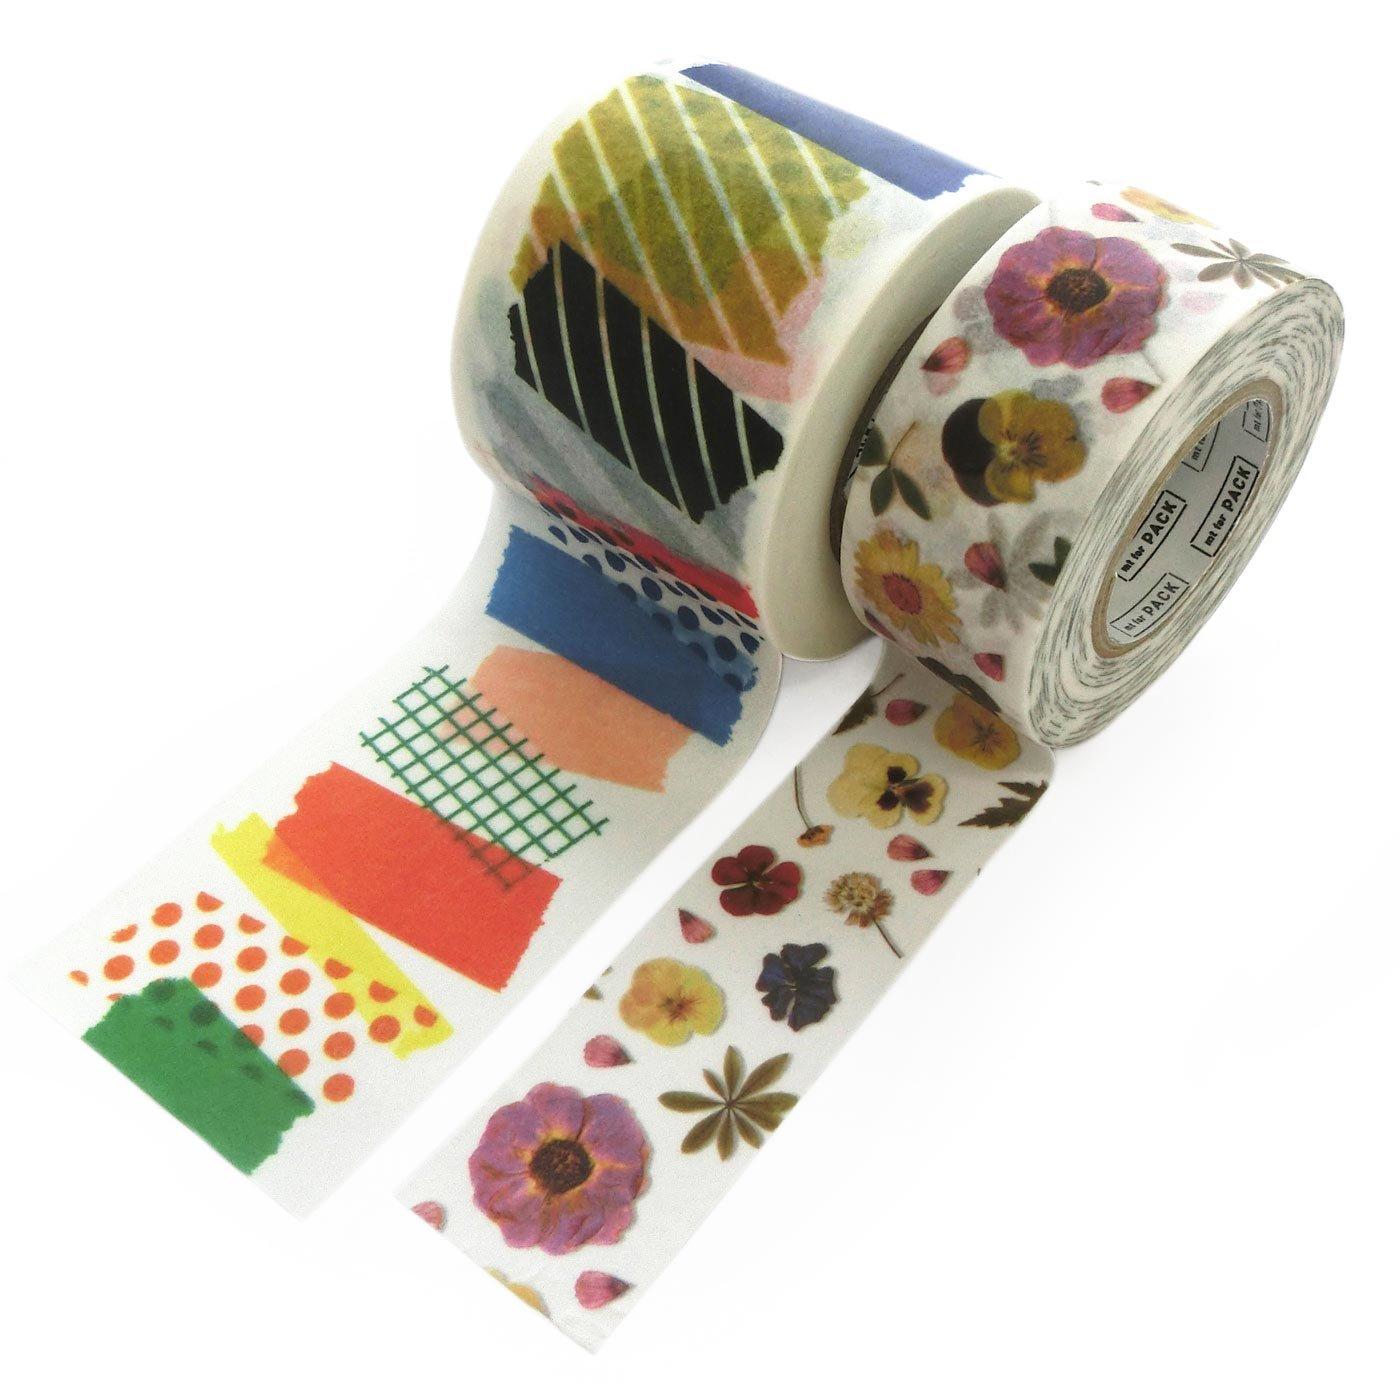 かわいいだけじゃない! 強粘着! クラフトテープがわりにしっかり貼れる、梱包用テープセットの会